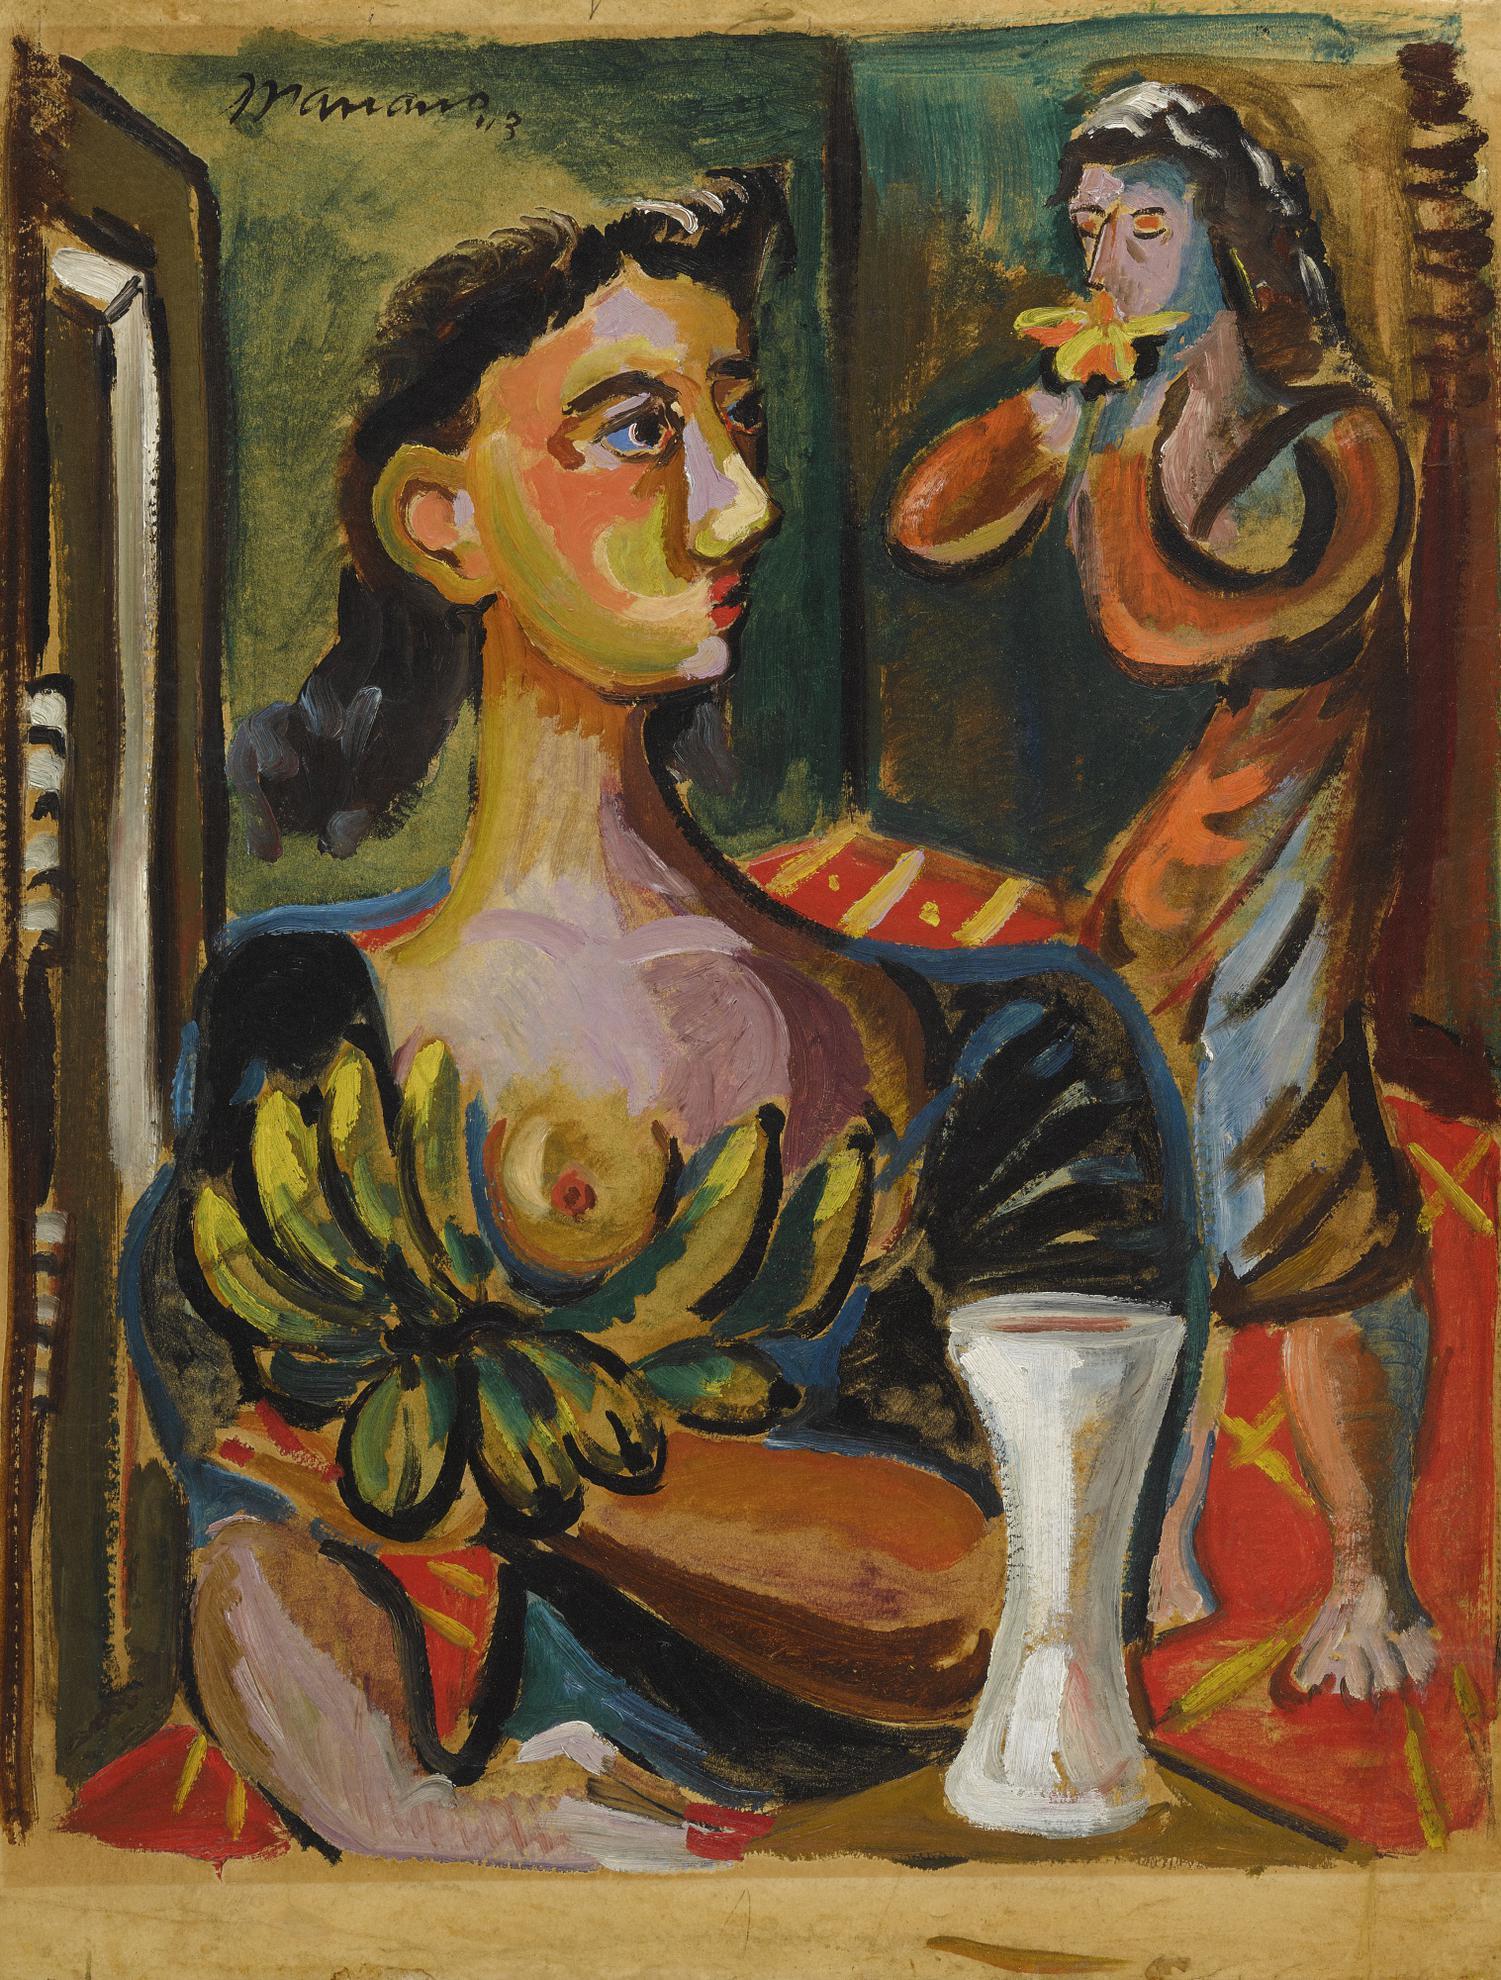 Mariano Rodriguez-Mujeres En Un Interior-1943